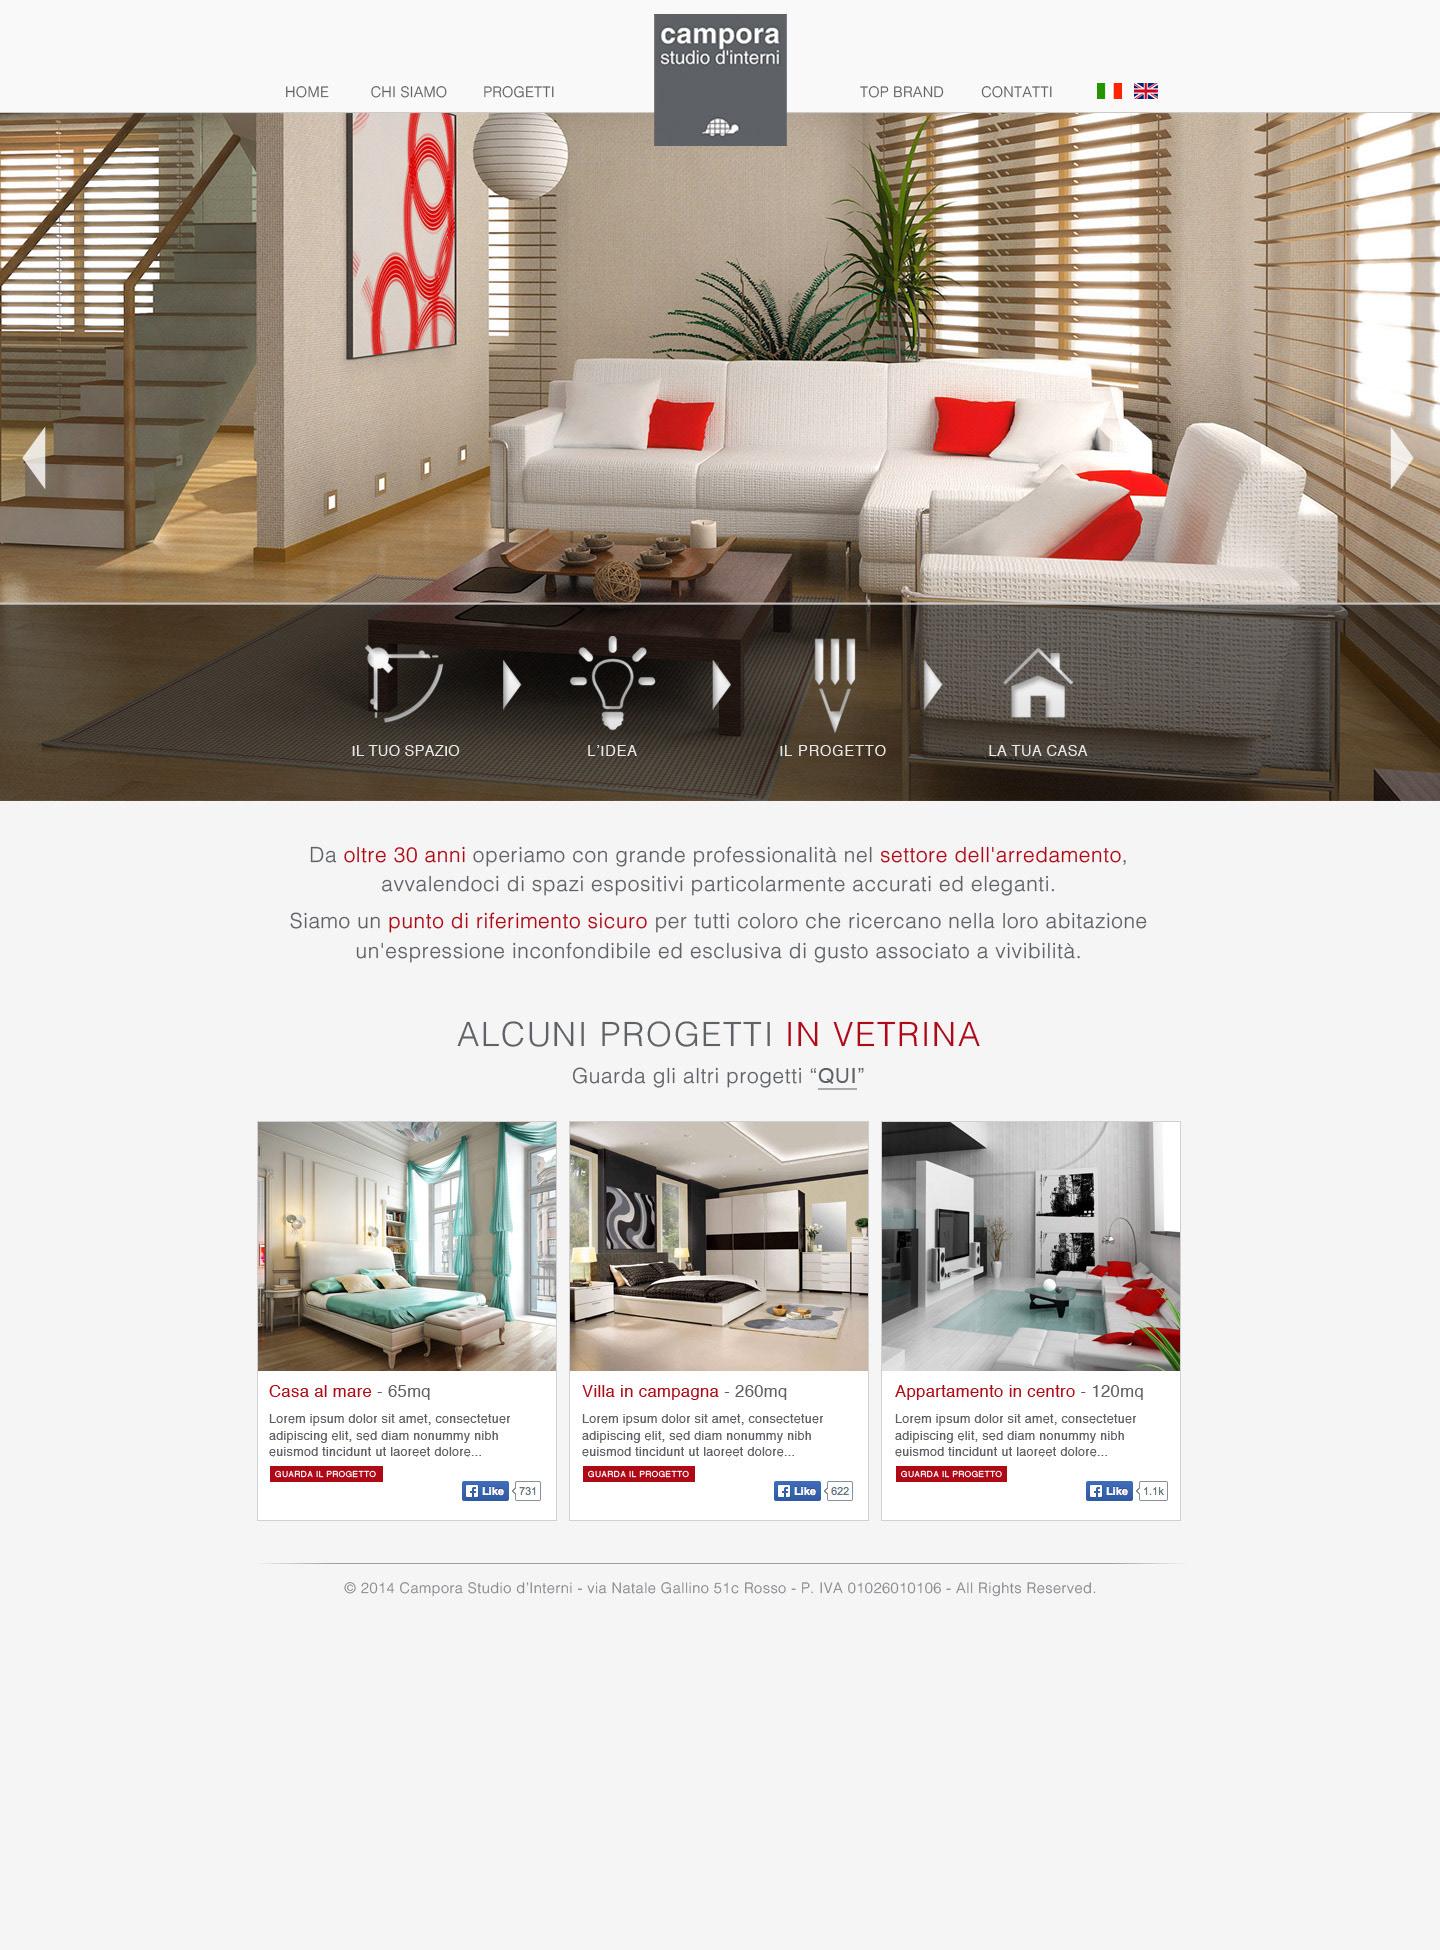 Arredare Casa 65 Mq immobiliare on behance